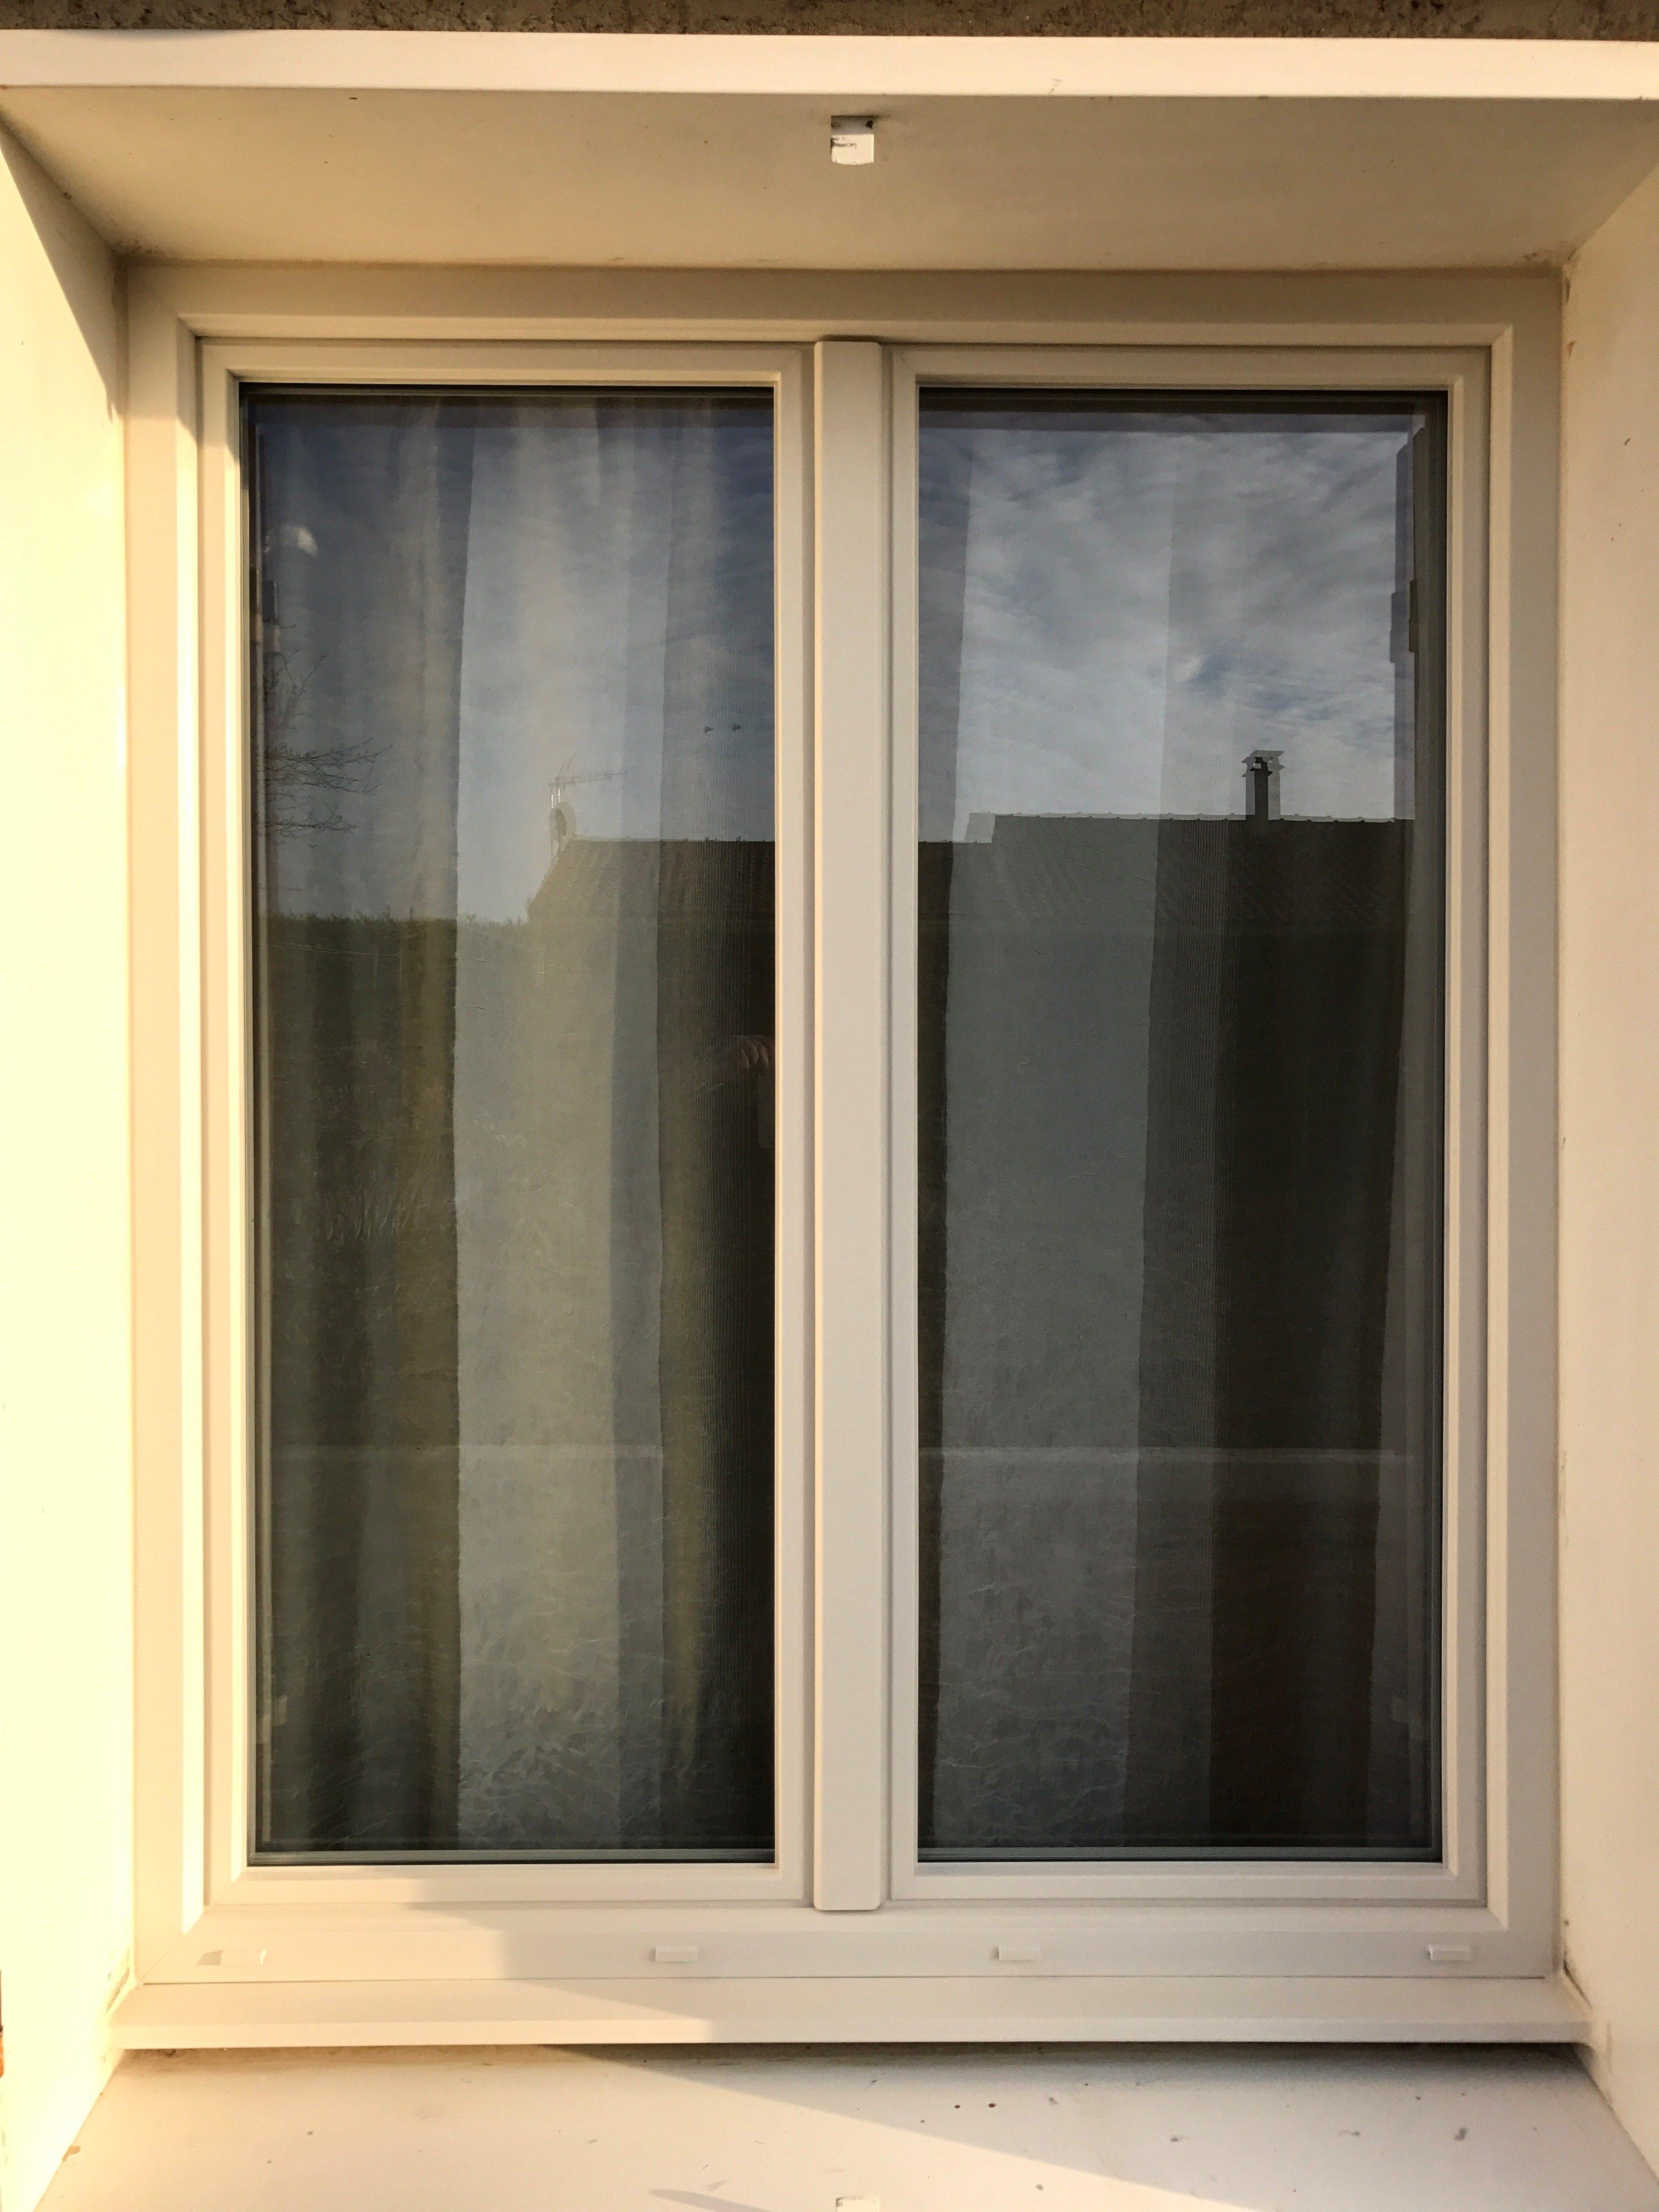 menuiserie finstral ton pierre et volet alu rouge basque ral 3004 profileo. Black Bedroom Furniture Sets. Home Design Ideas